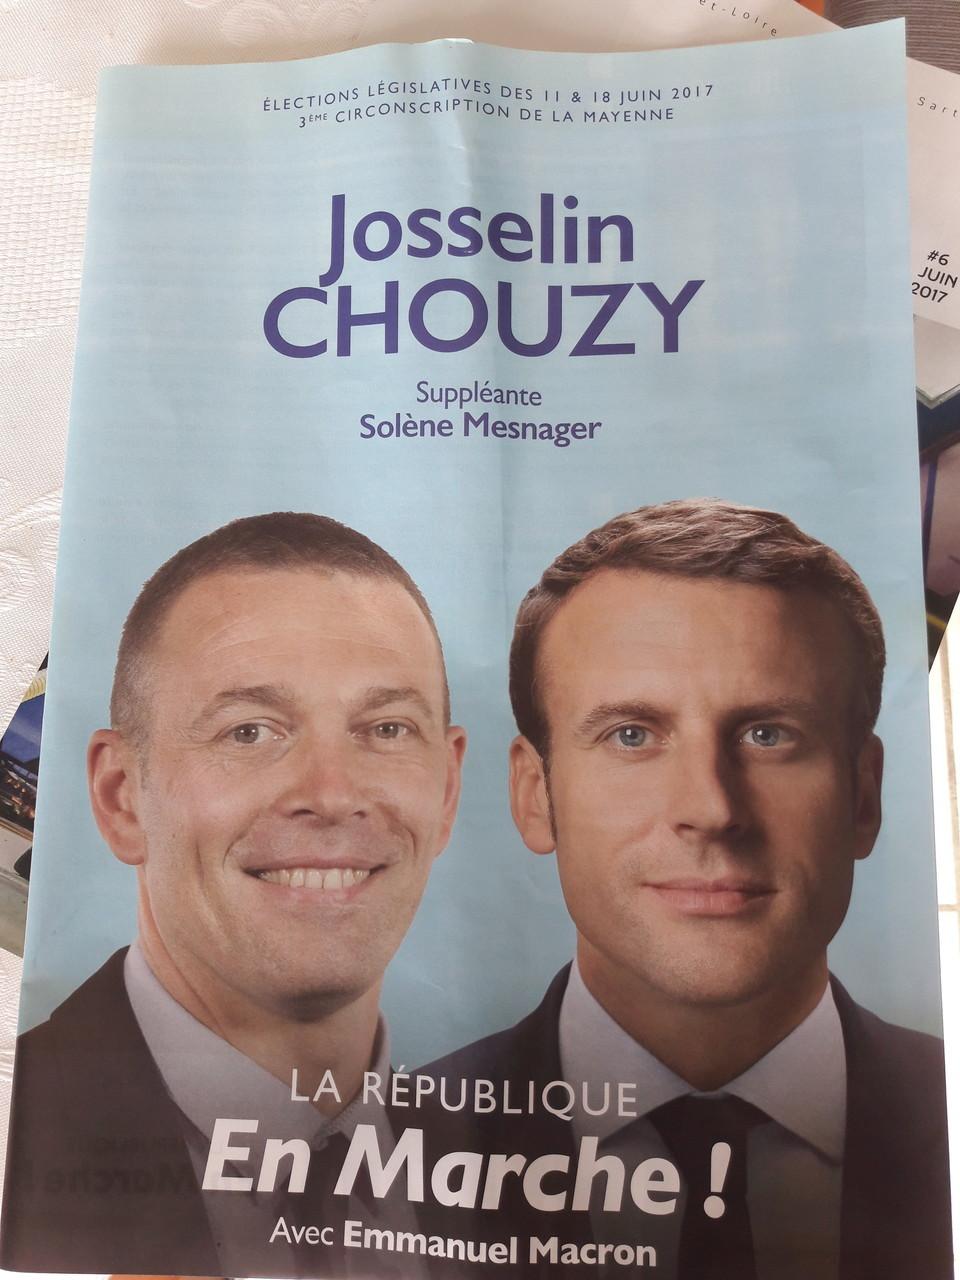 """Affiche électorale """"en marche"""" pour les élections législatives 2017"""